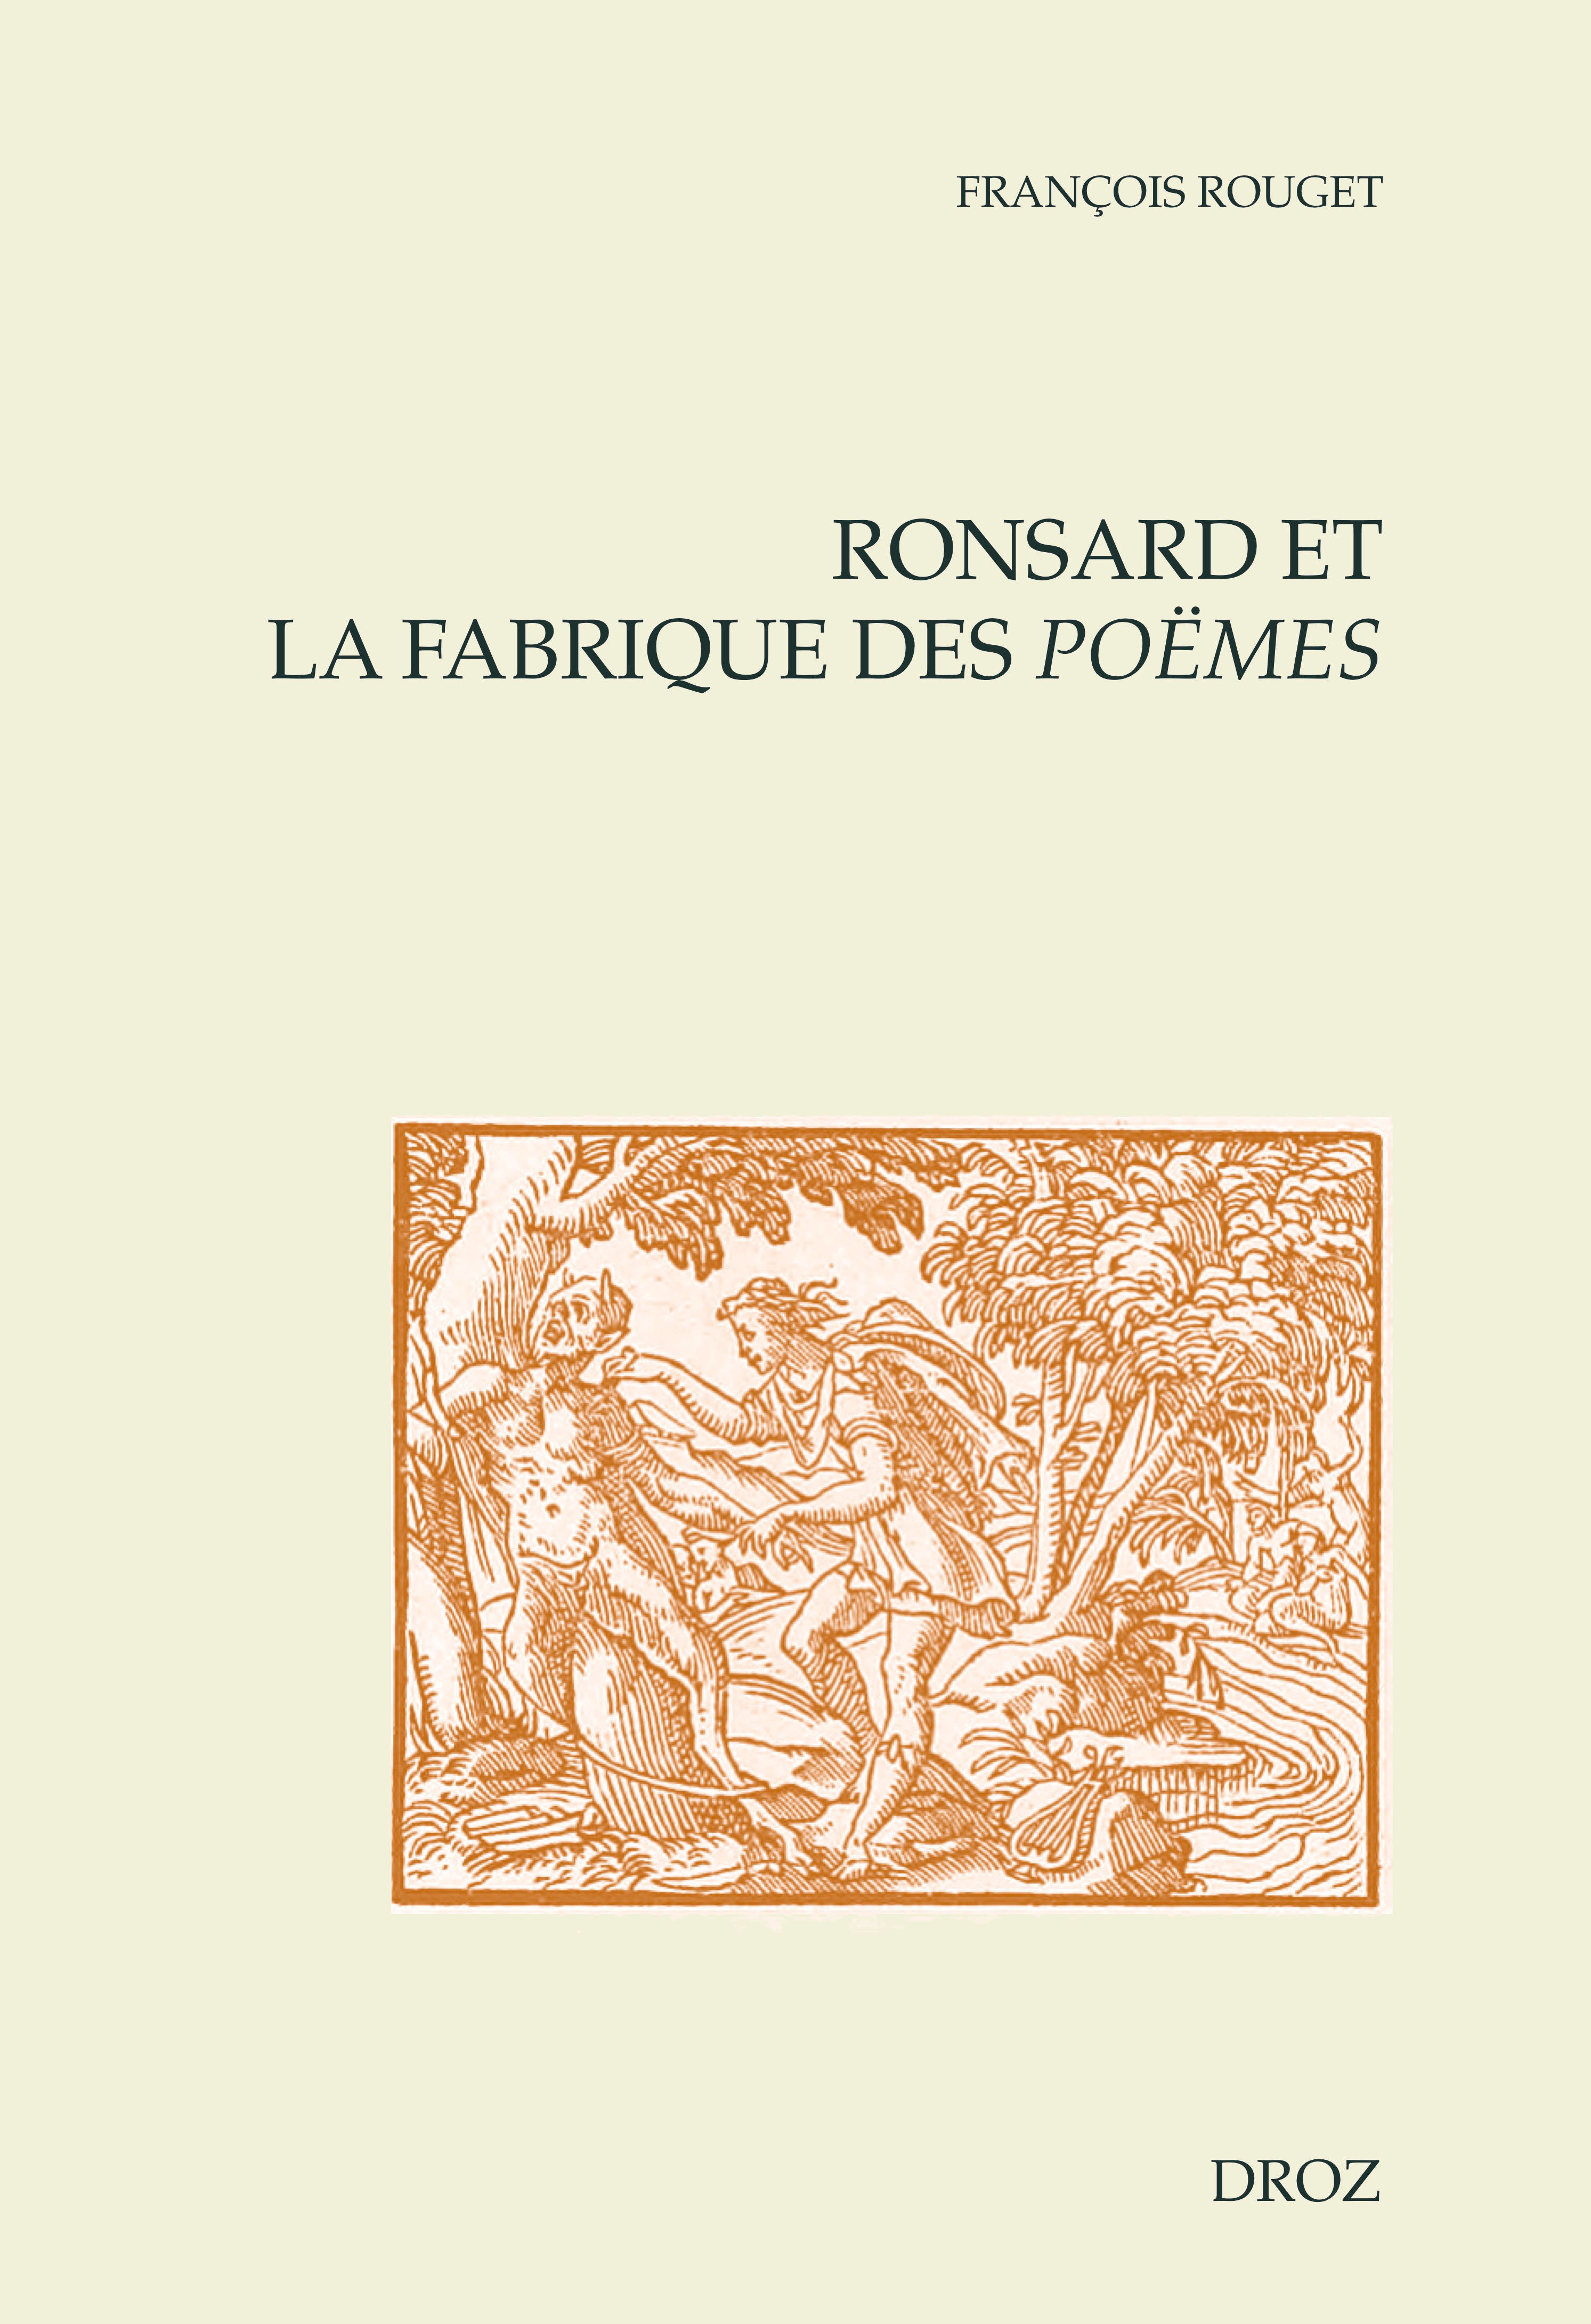 Ronsard et la fabrique des poemes